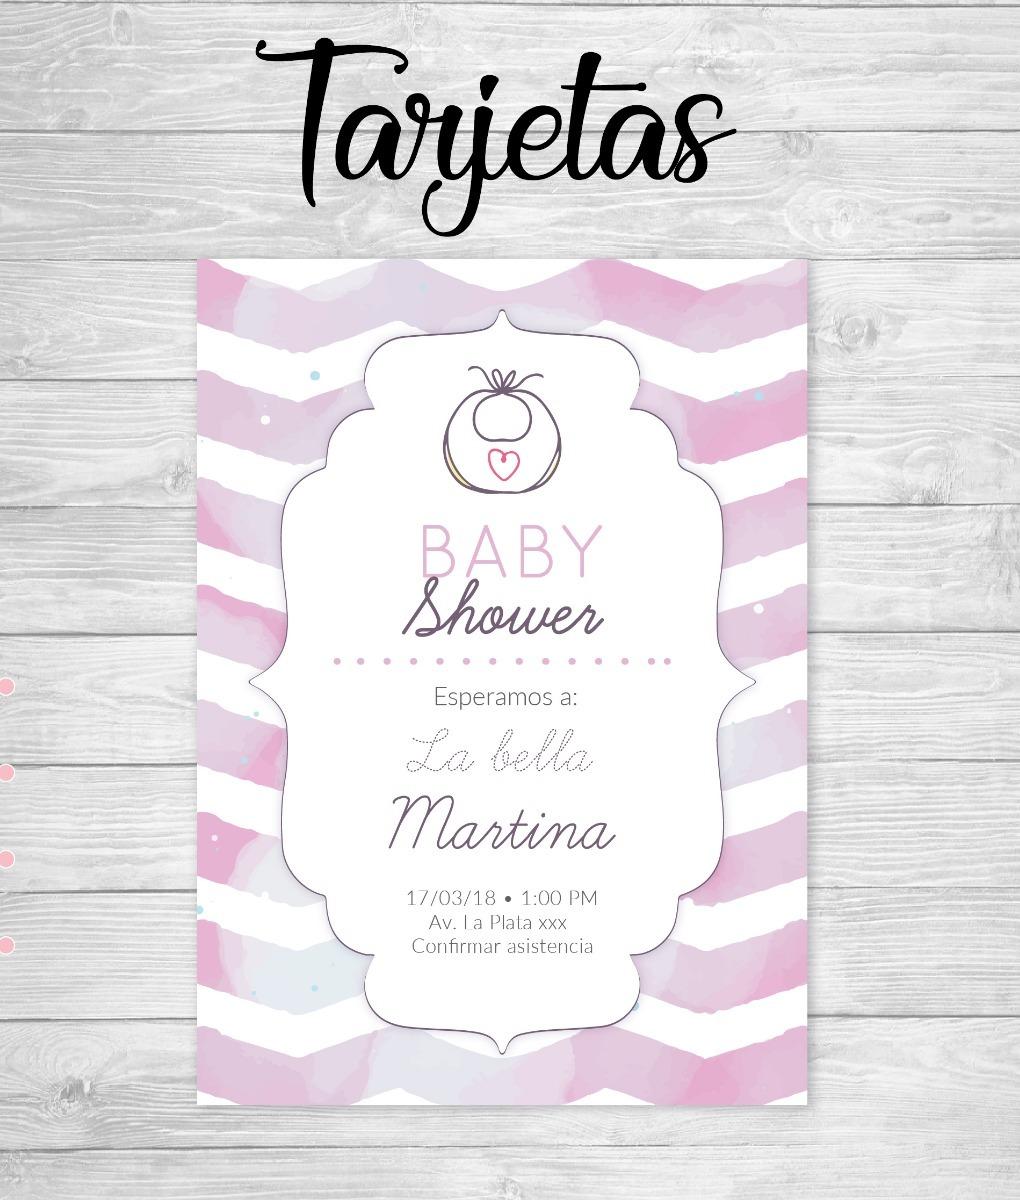 Tarjetas Invitación Baby Shower Cumpleaños Diseño Personal